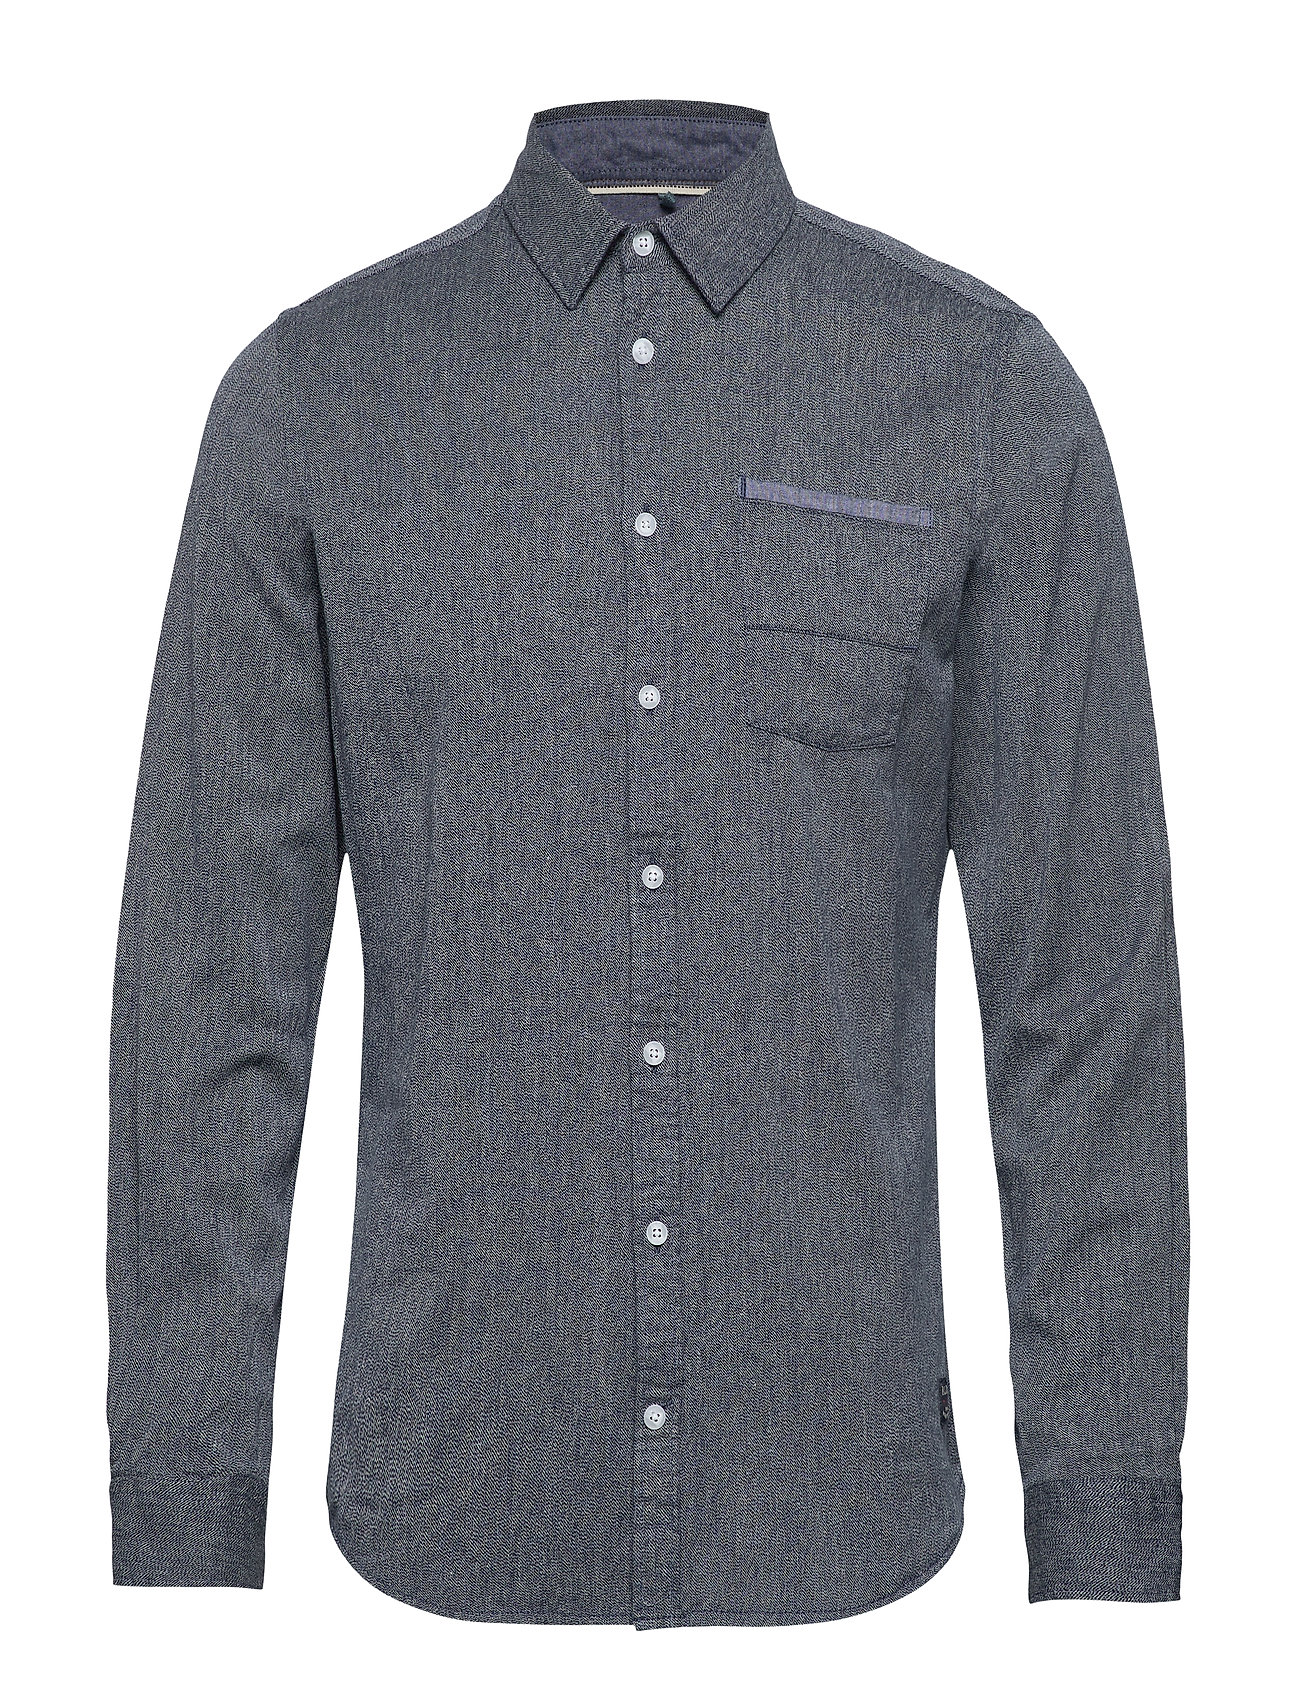 Blend Shirt - DARK NAVY BLUE